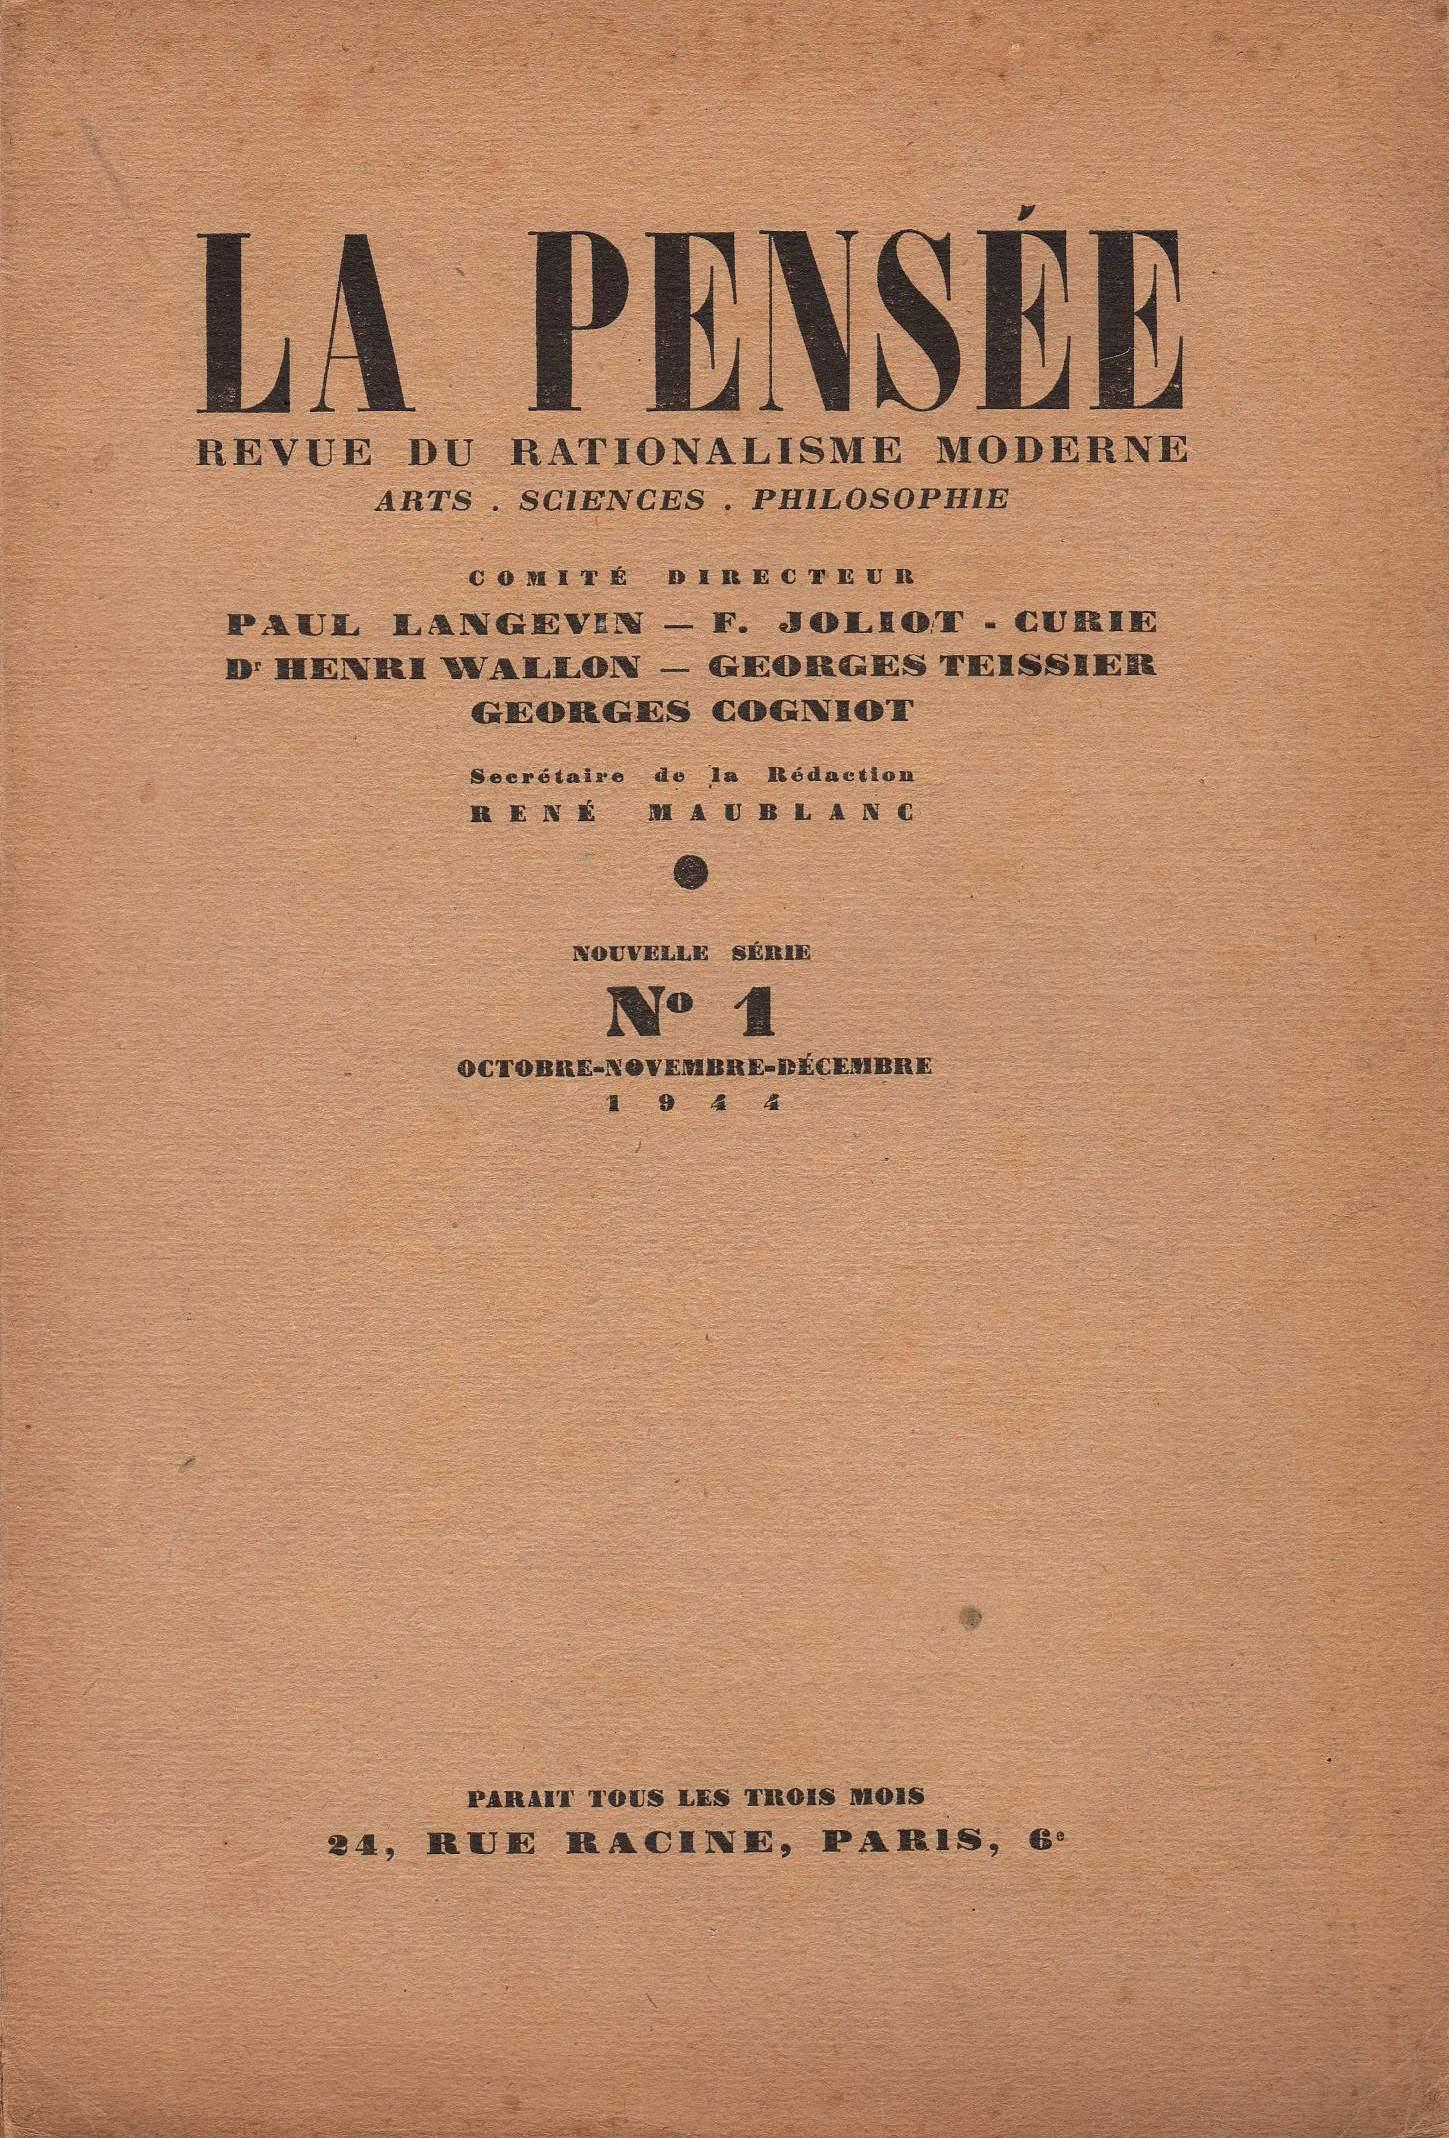 Pensee-2-001.jpg